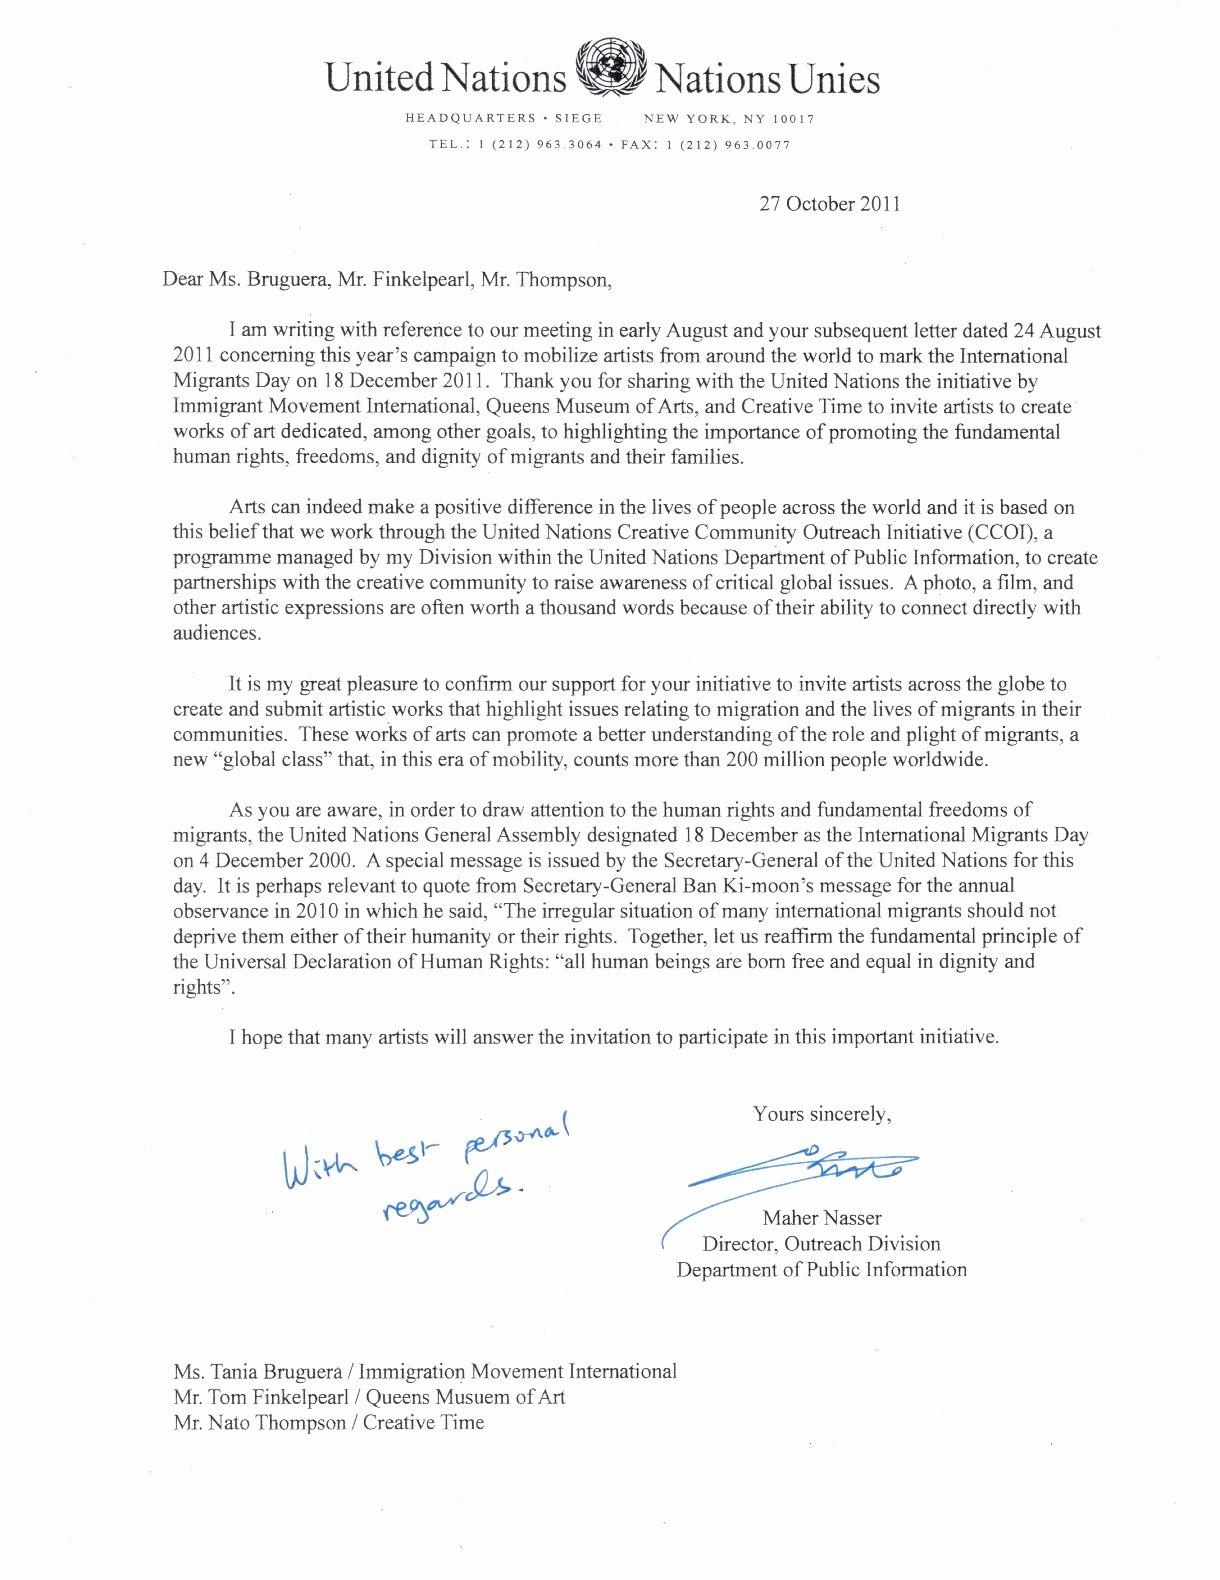 Letter Of Support format Elegant United Nations Ficial Letter Support for Dec Artist Ficial Letter Business Letter Sample